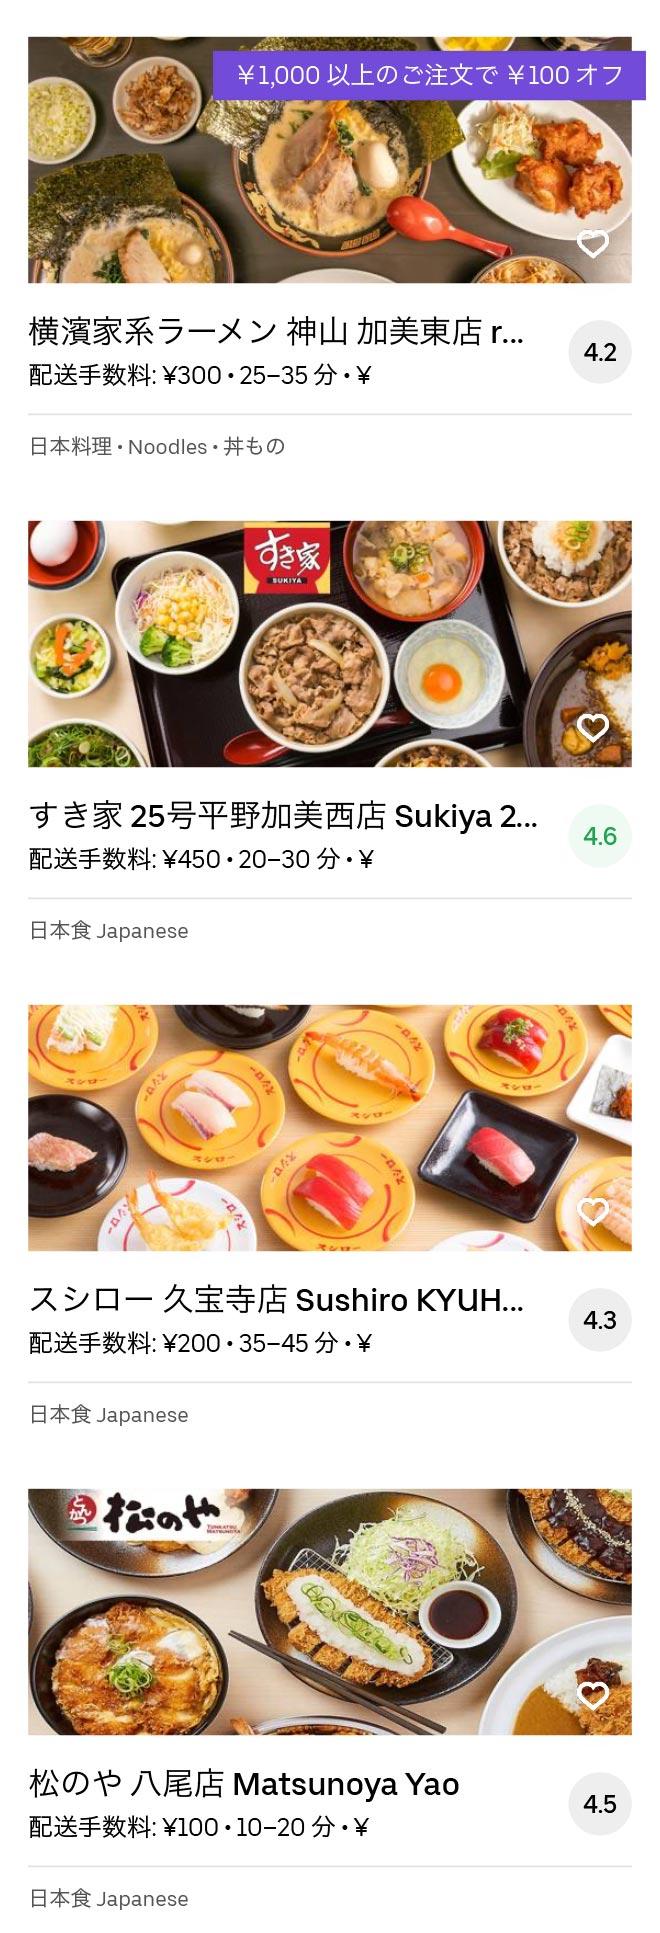 Osaka yao menu 2005 03